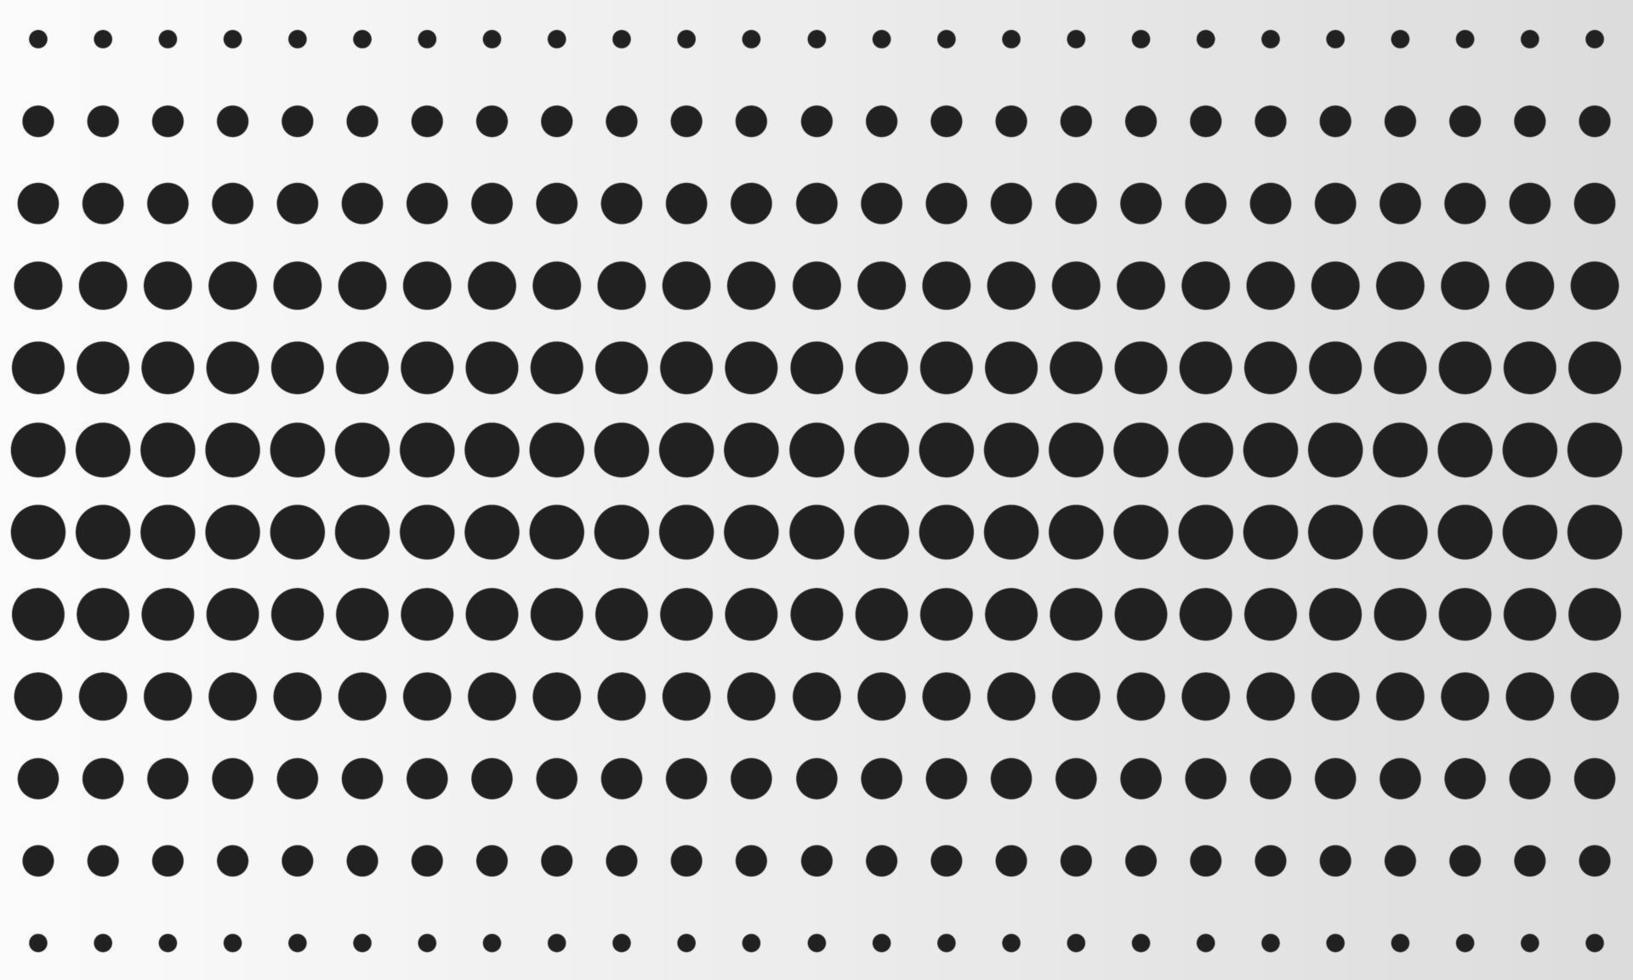 vackra geometriska cirklar mönster vektor